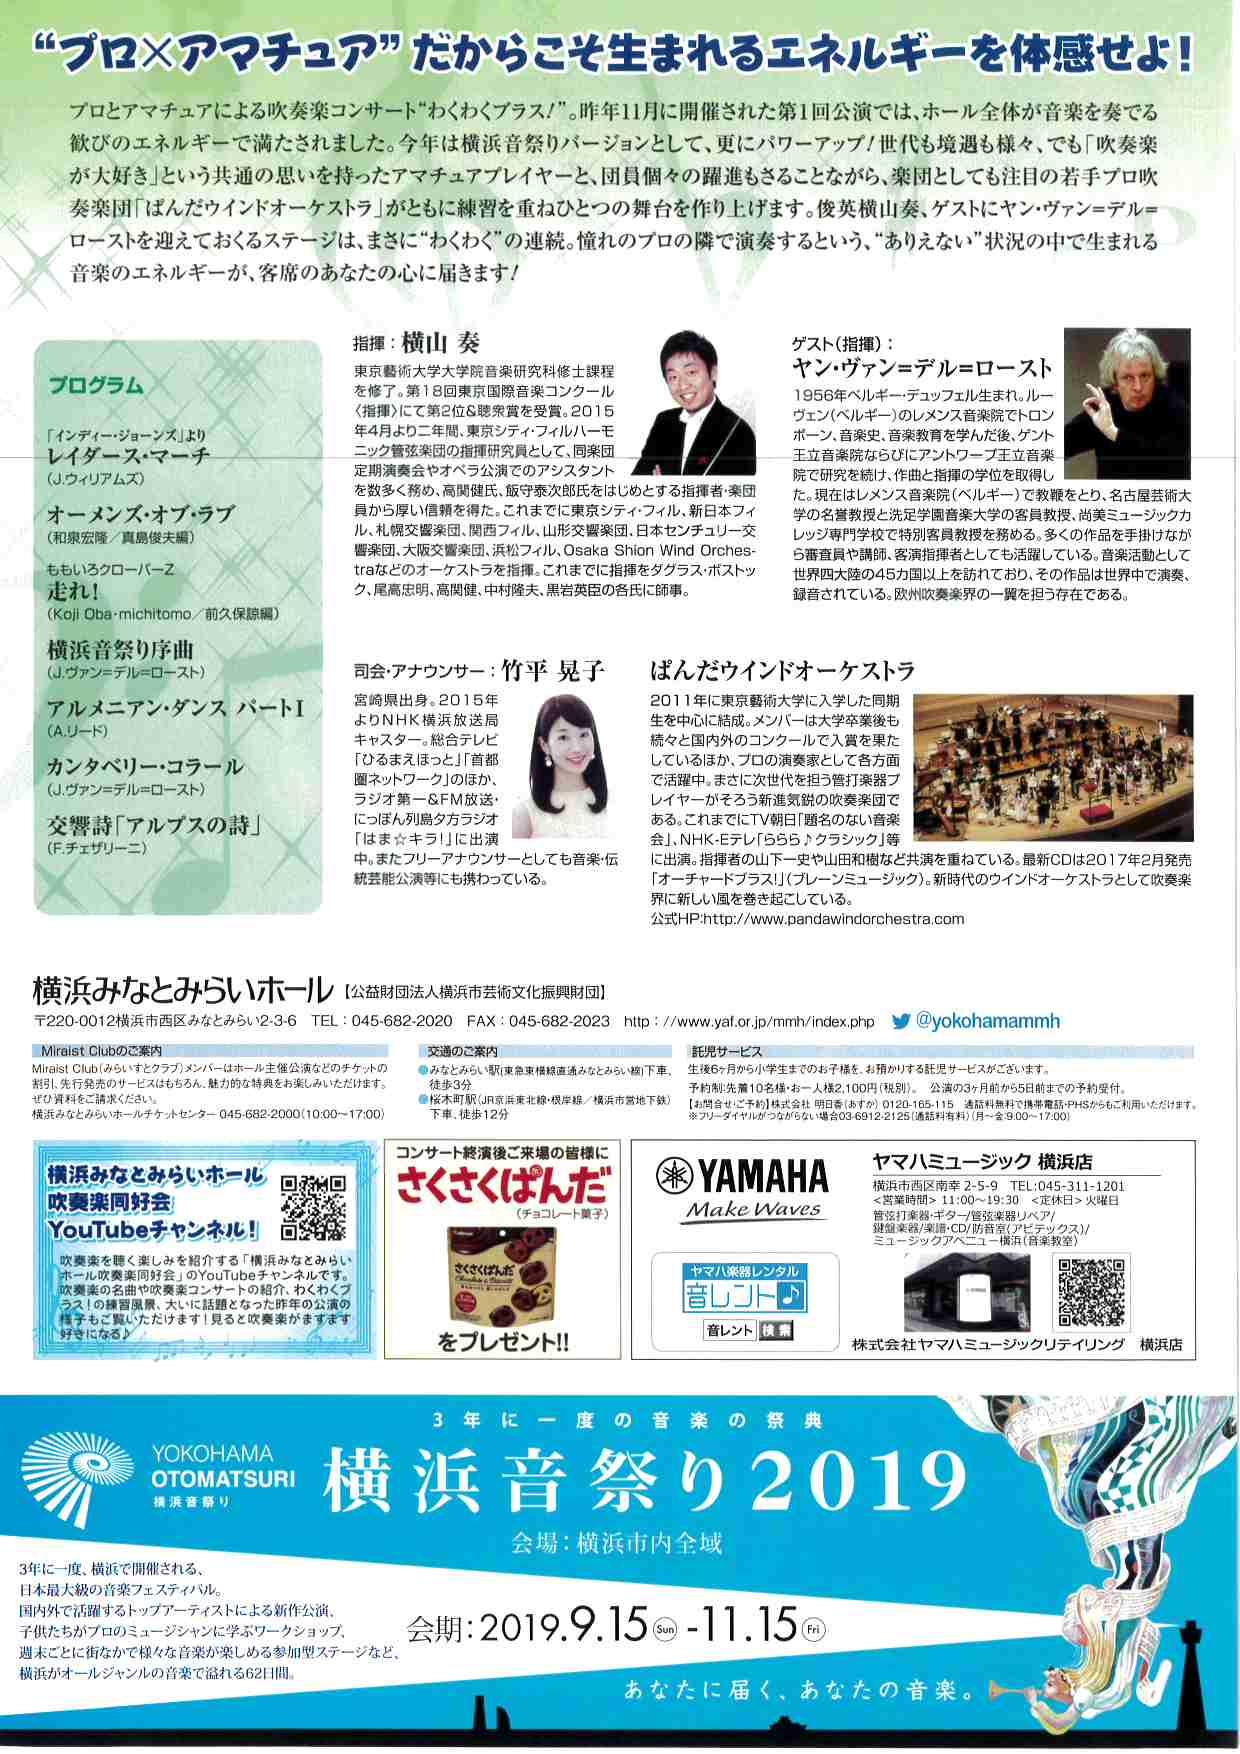 演奏会情報 横浜の管楽器木管楽器金管楽器楽器修理は